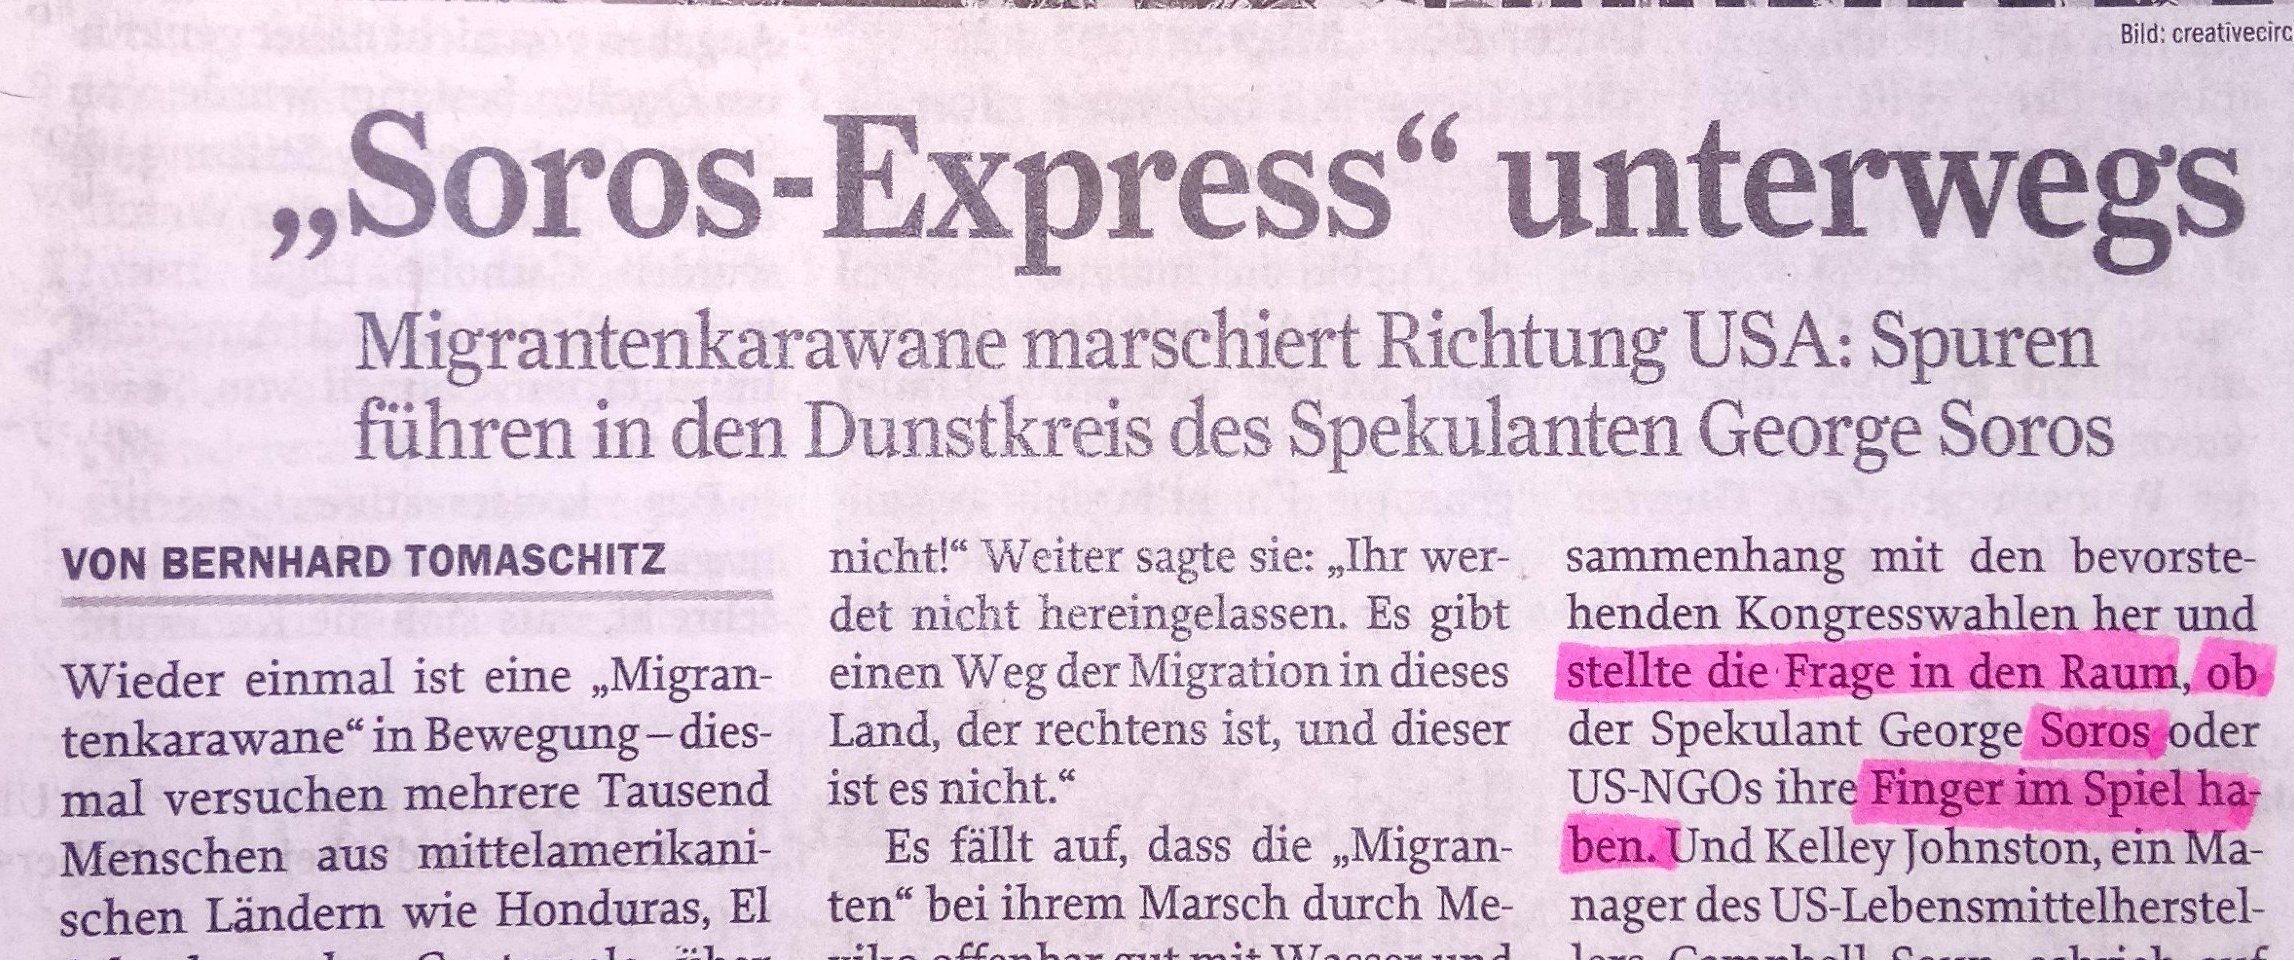 """Bernhard Tomaschitz in """"Zur Zeit"""" Ausgabe 45/18 """"Migrantentkarawane"""" als """"Soros-Express"""""""